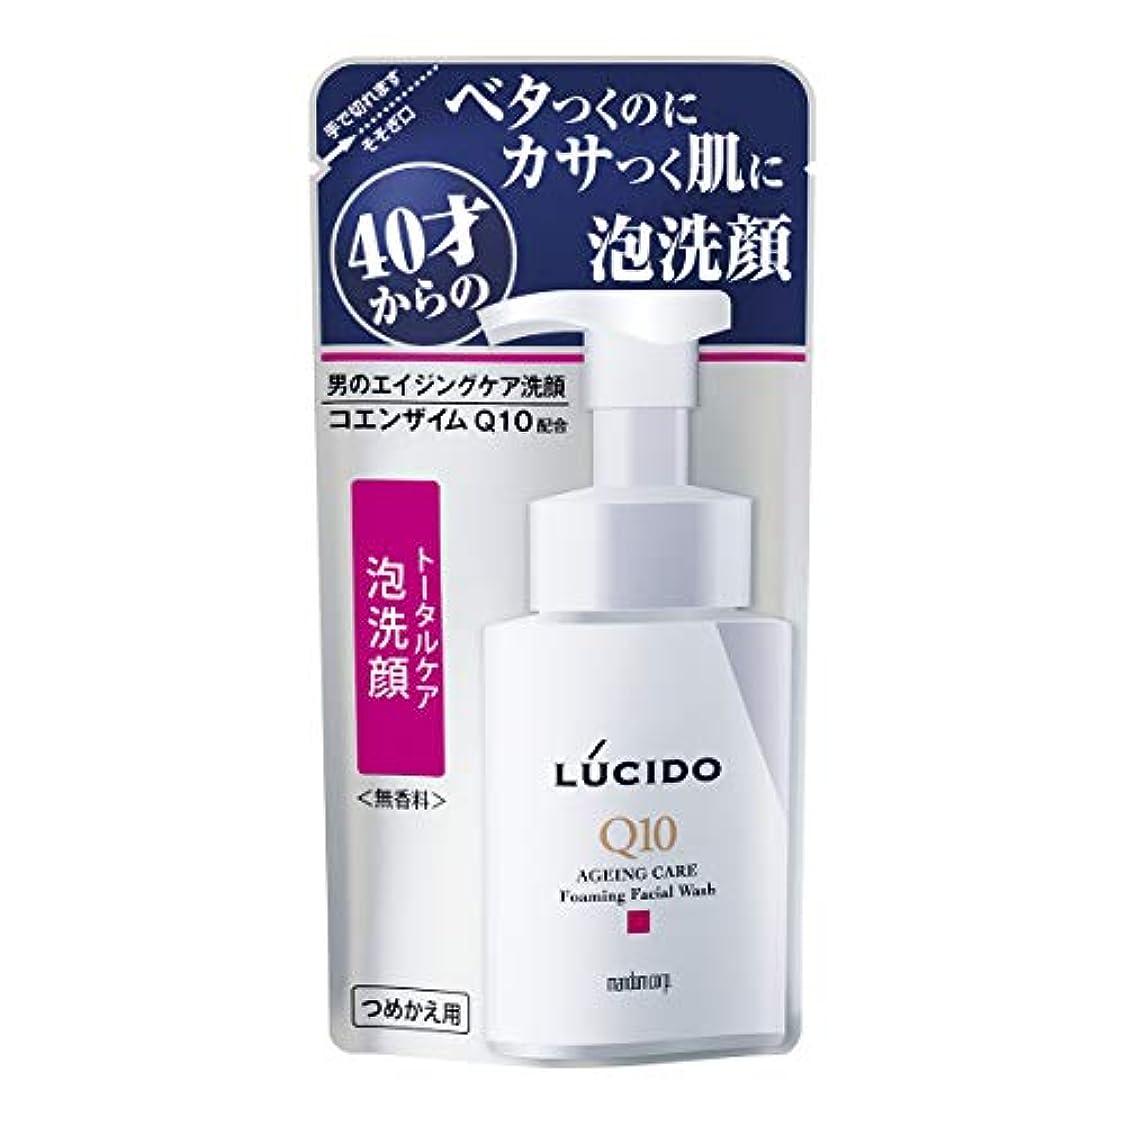 第二札入れフォークLUCIDO(ルシード) トータルケア泡洗顔 つめかえ用 Q10 130mL